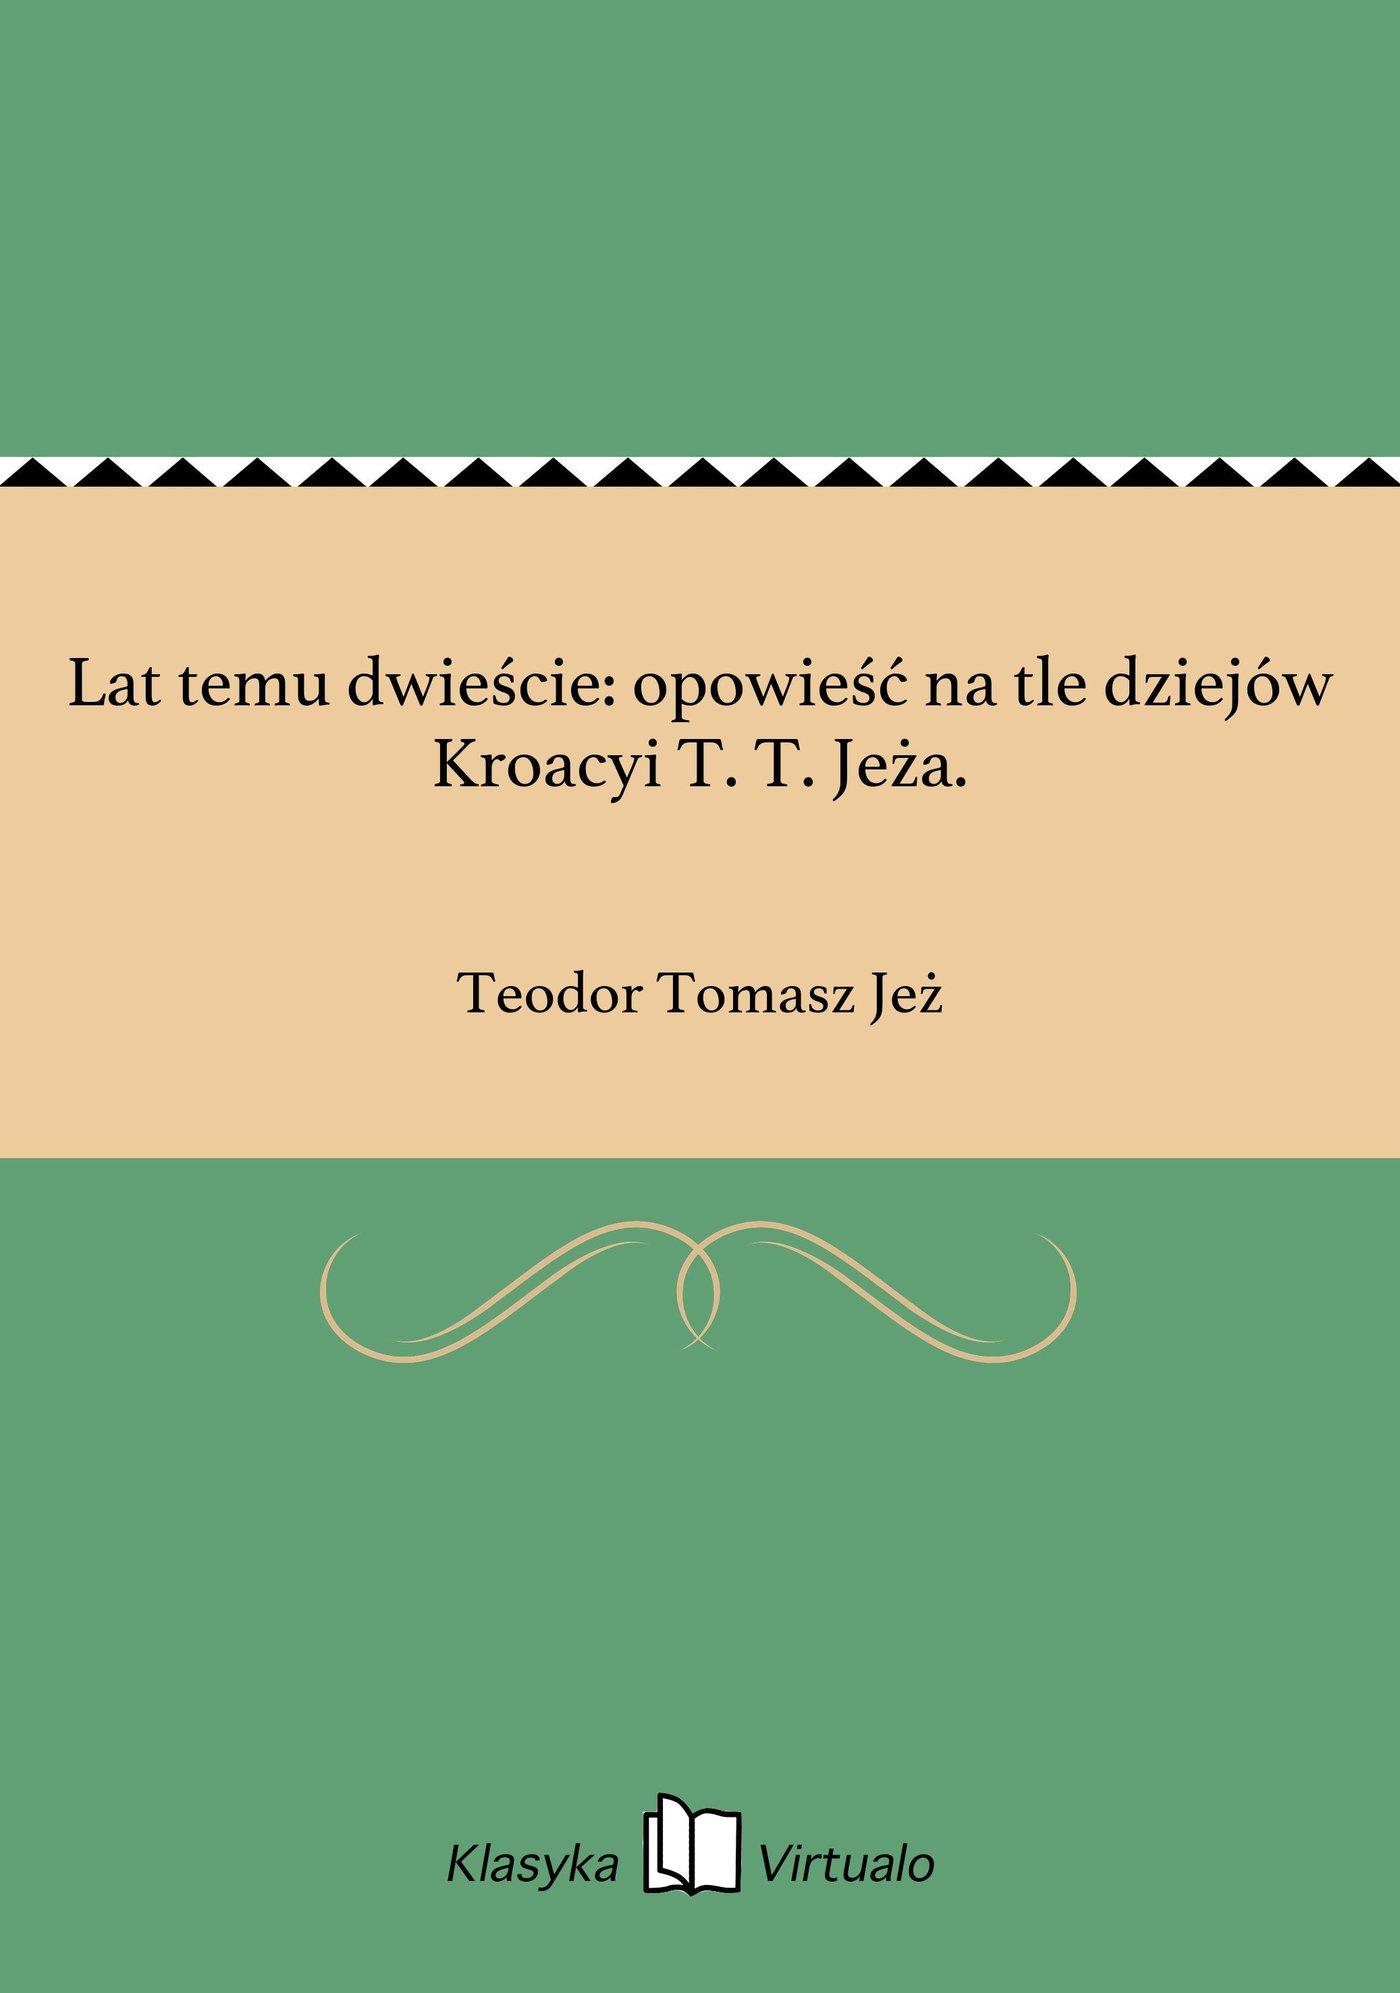 Lat temu dwieście: opowieść na tle dziejów Kroacyi T. T. Jeża. - Ebook (Książka na Kindle) do pobrania w formacie MOBI